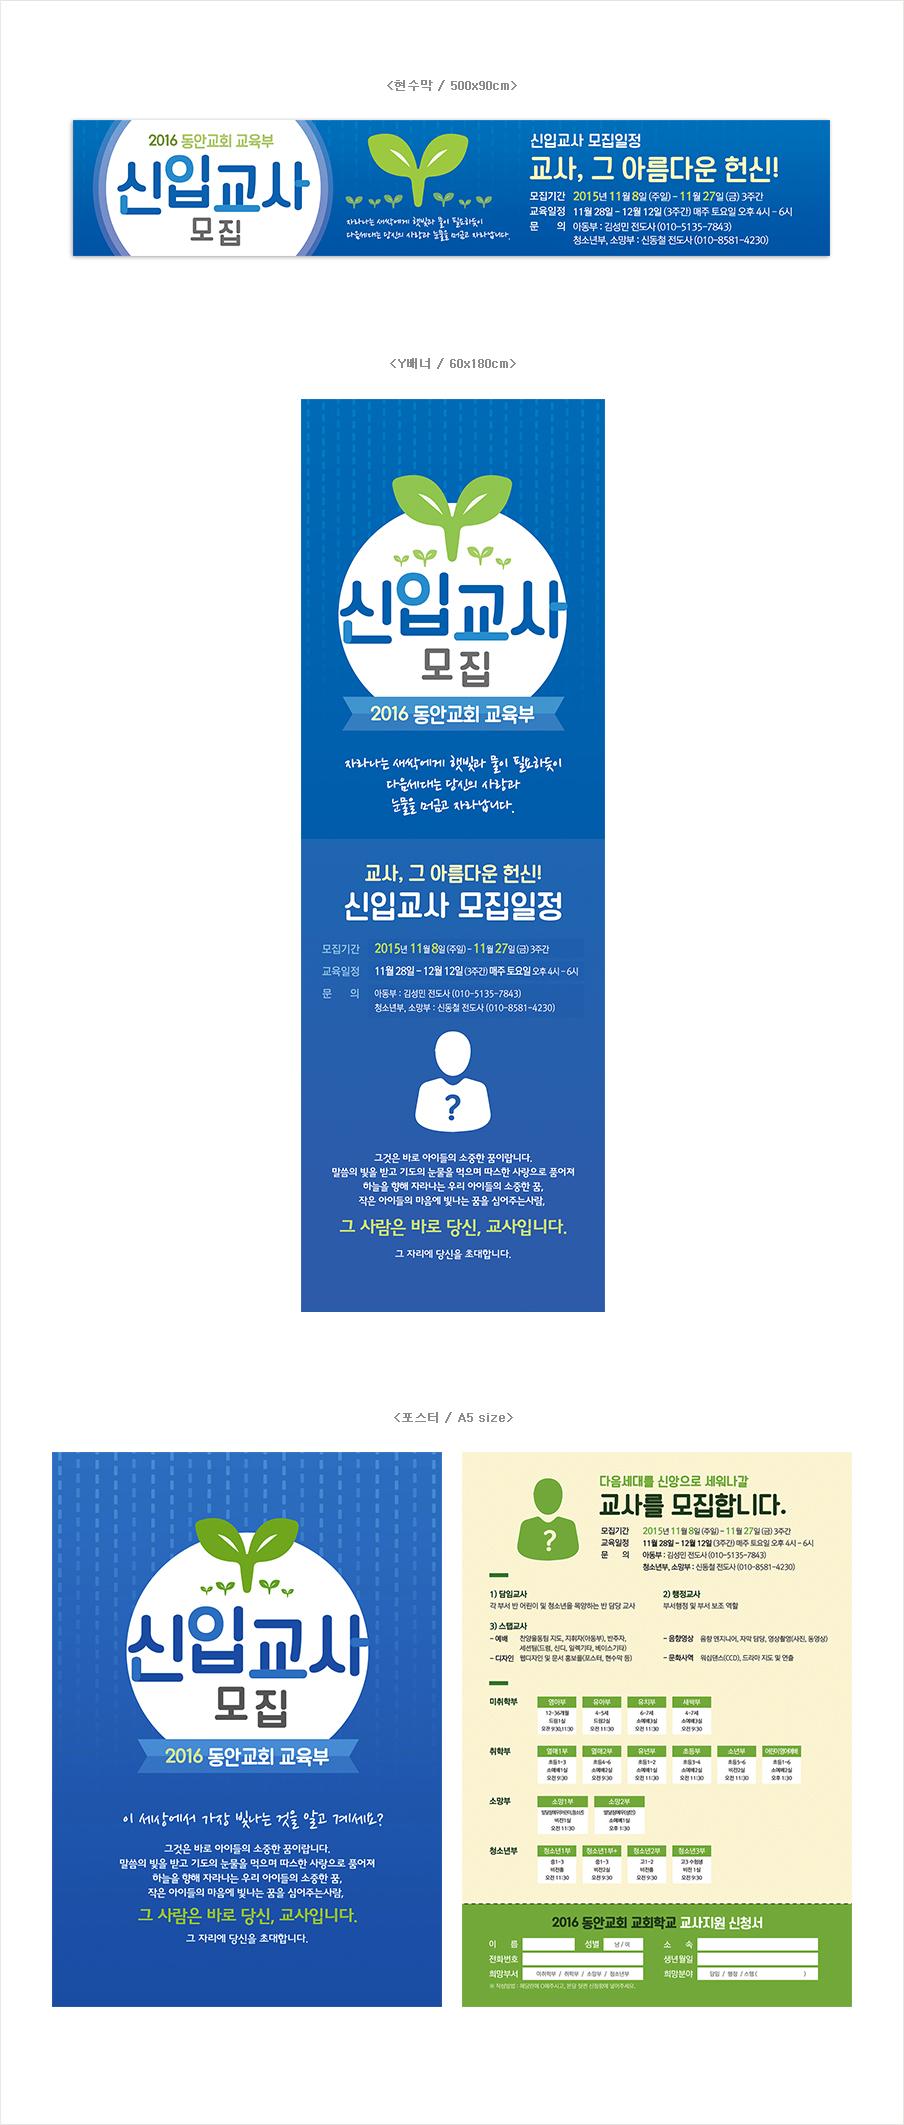 dongan_banner02.jpg